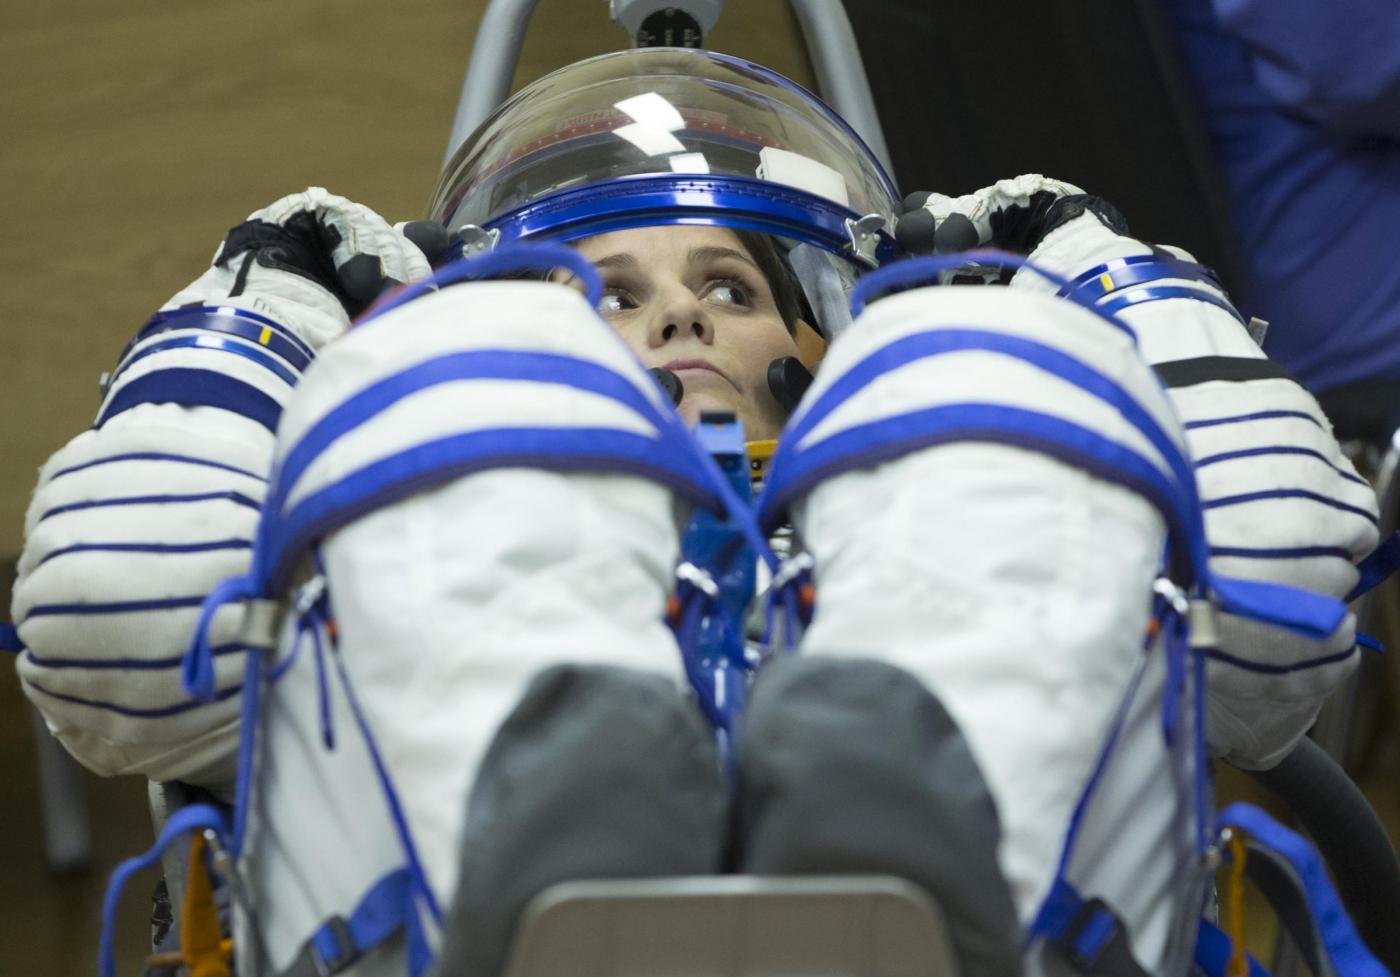 Missione Futura Il lancio di Samantha Cristoforetti verso la Stazione Spaziale Internazionale